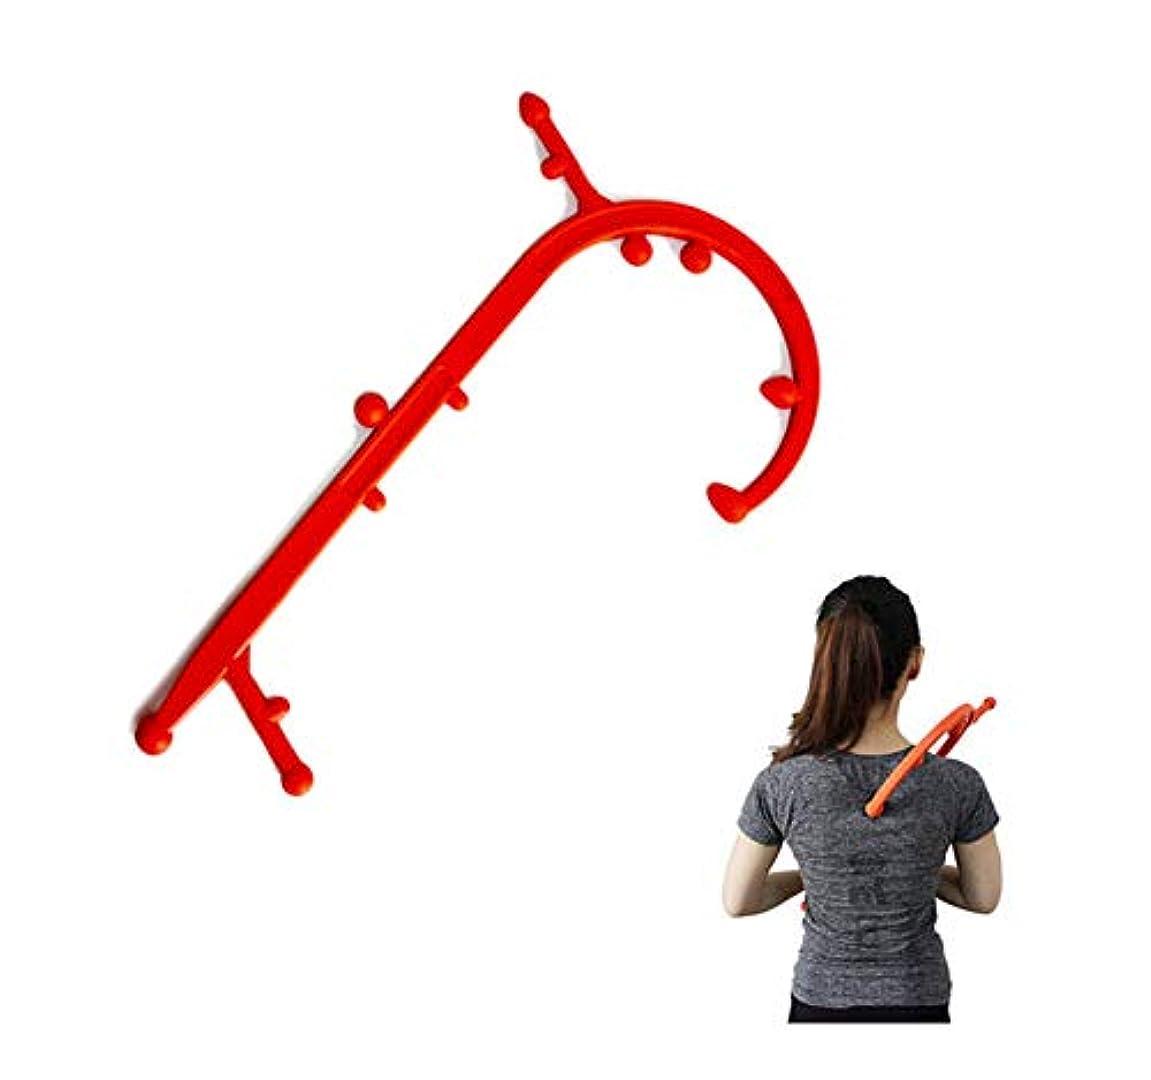 ブロックするポインタシャトルポータブルマッサージャーSタイプセルフショルダーアンドネックバック12マッサージノブマッスルフック指圧マッサージャー、背中の首と肩の痛みを和らげる筋膜リリースツール